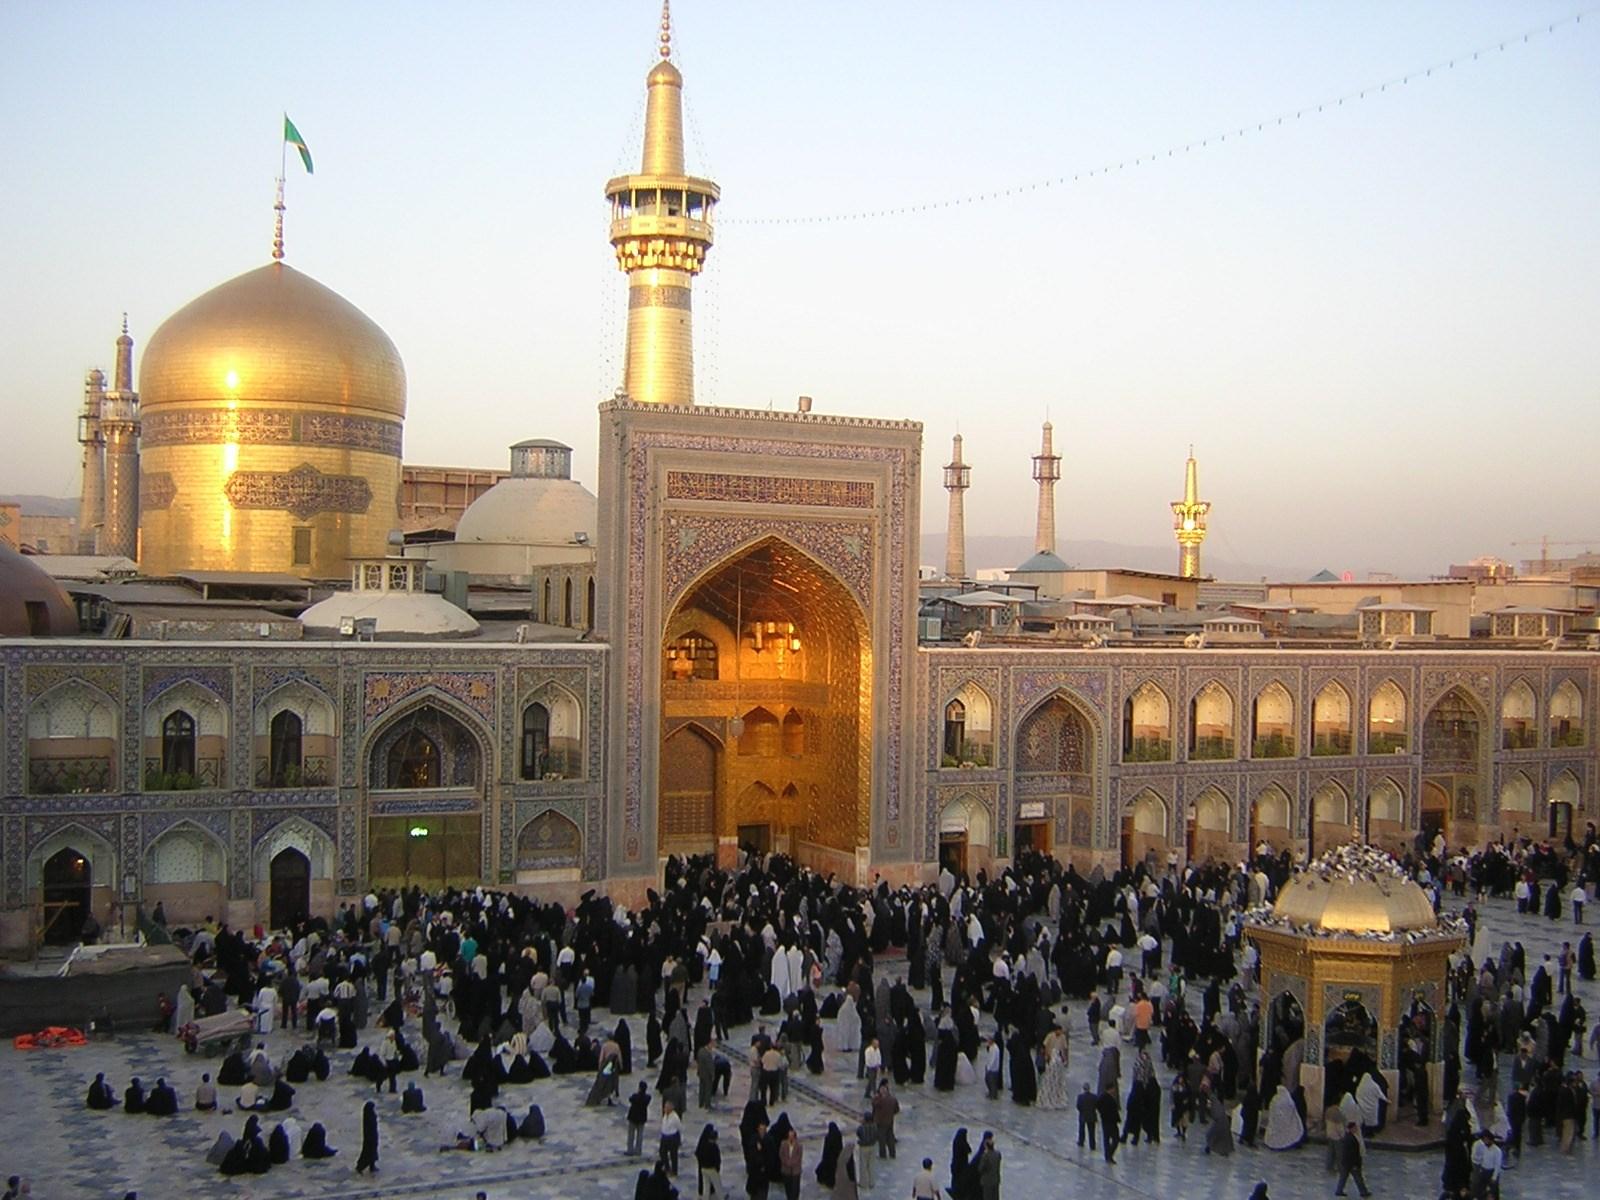 مسافرخانه گلستان در مشهد| مشهدسرا